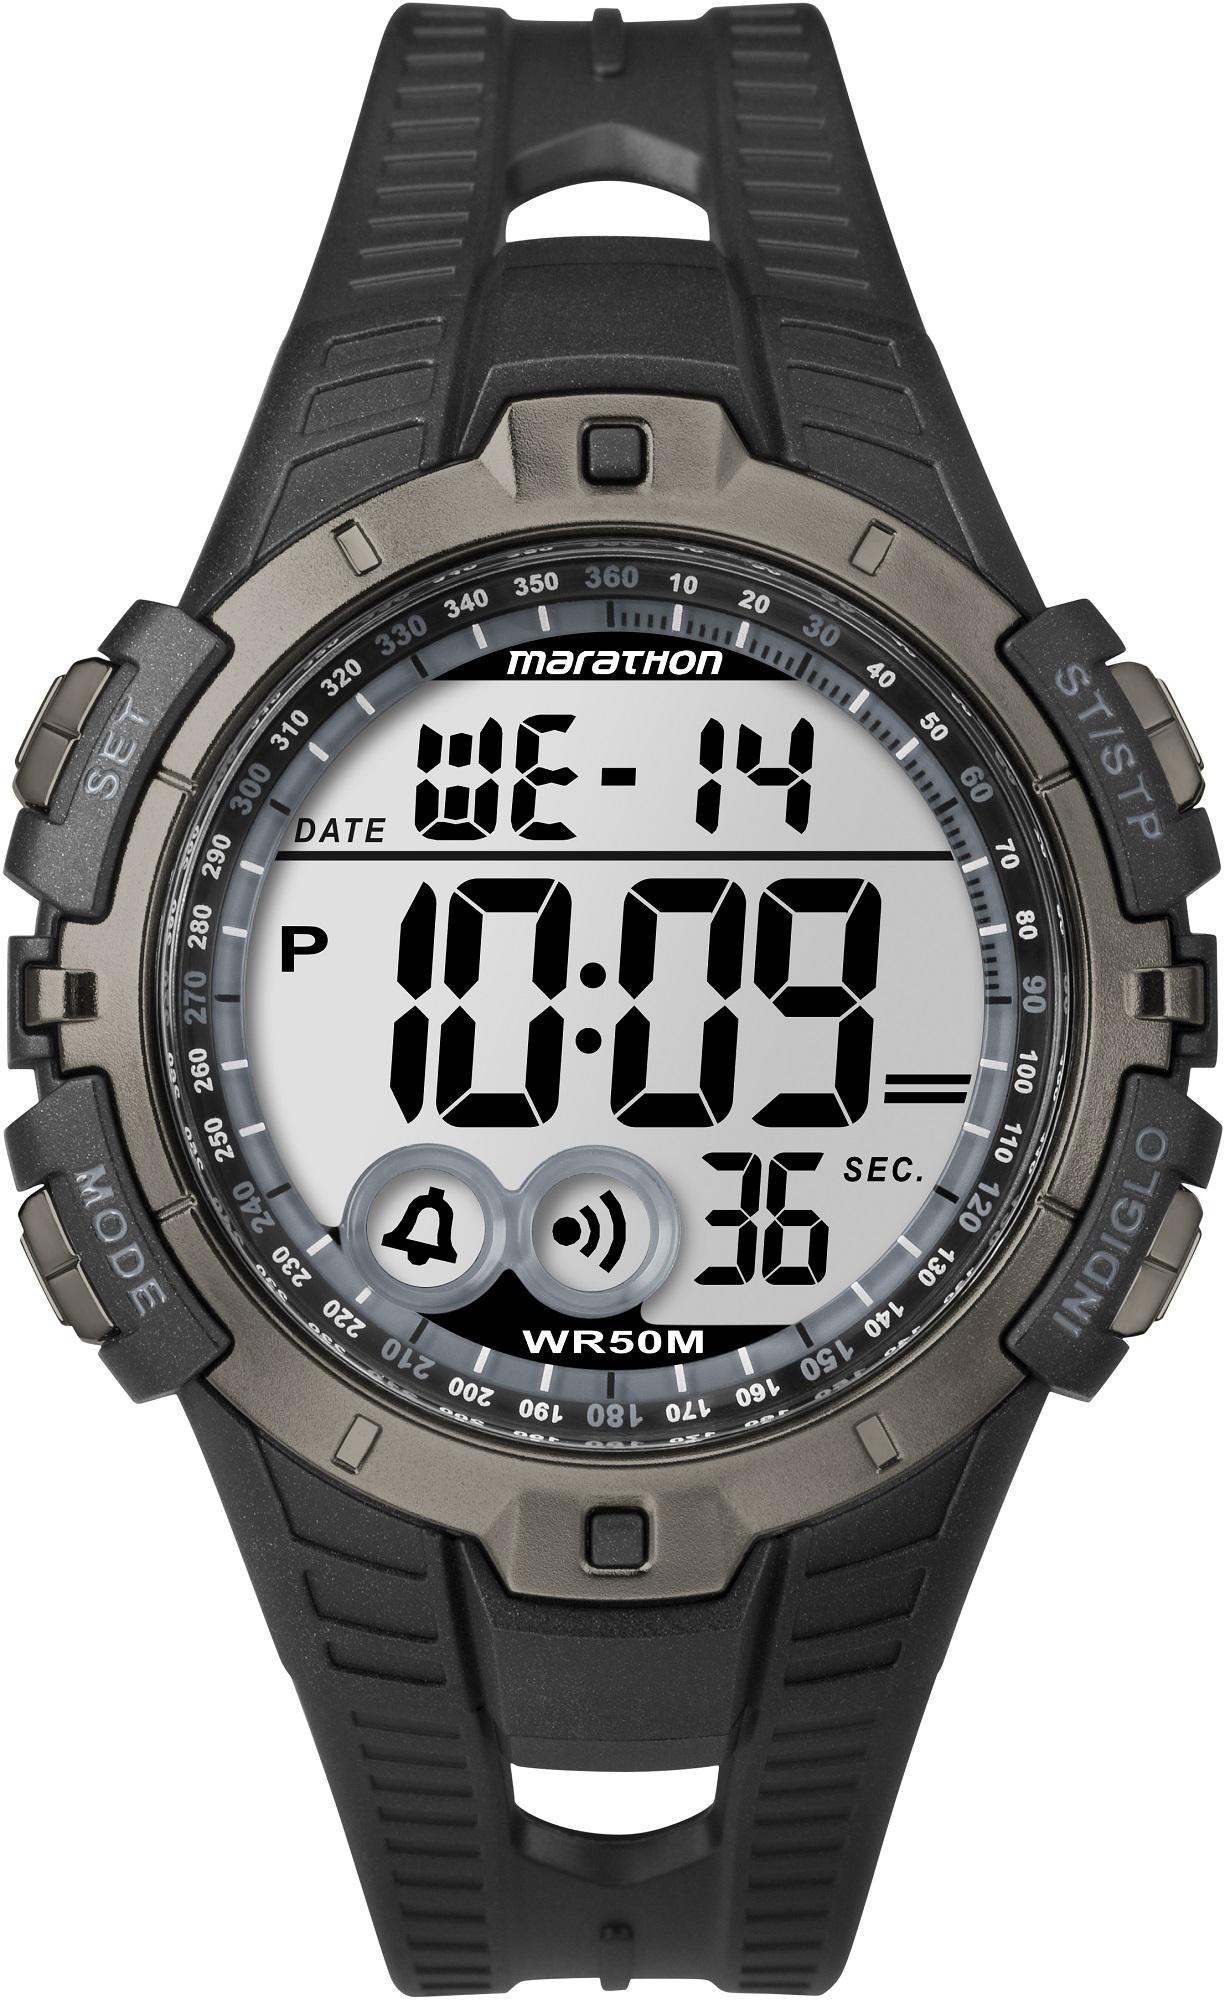 Наручные часы мужские Timex Marathon, цвет: черный. T5K802BM8434-58AEВодозащита 5 АТМ; Механизм кварцевый; Корпус пластиковый; Браслет каучуковый; Будильник; Секундомер; Стекло акриловое; Размер корпуса 46 мм; подсветка INDIGLO